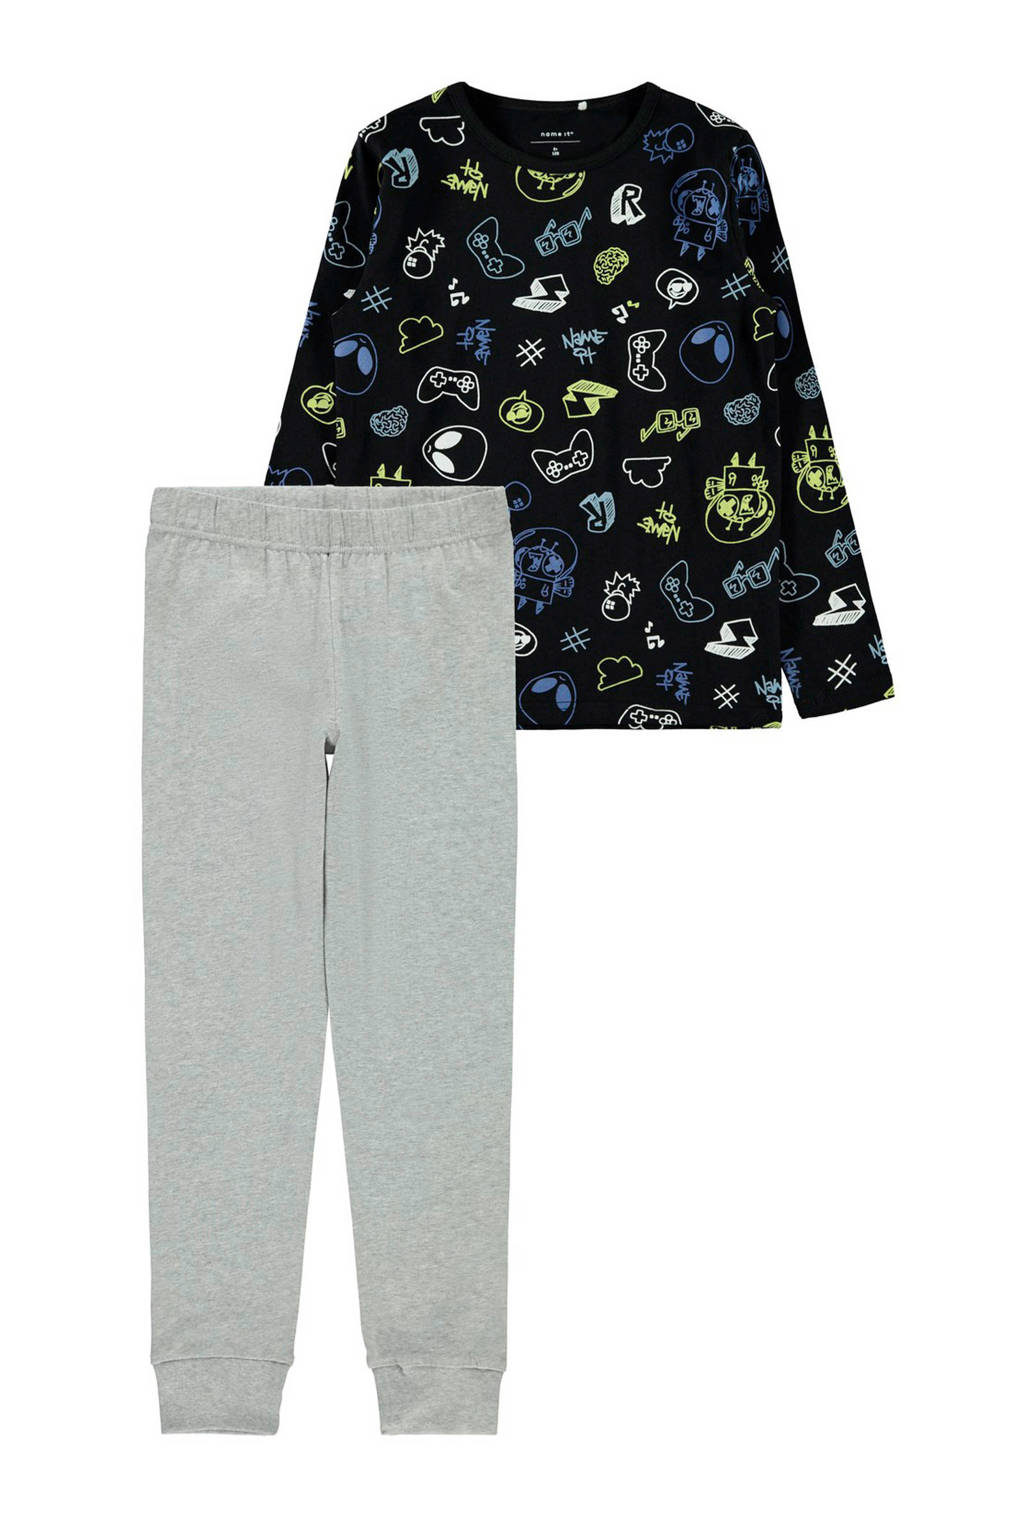 NAME IT KIDS   pyjama met all over print zwart/grijs, Zwart/grijs